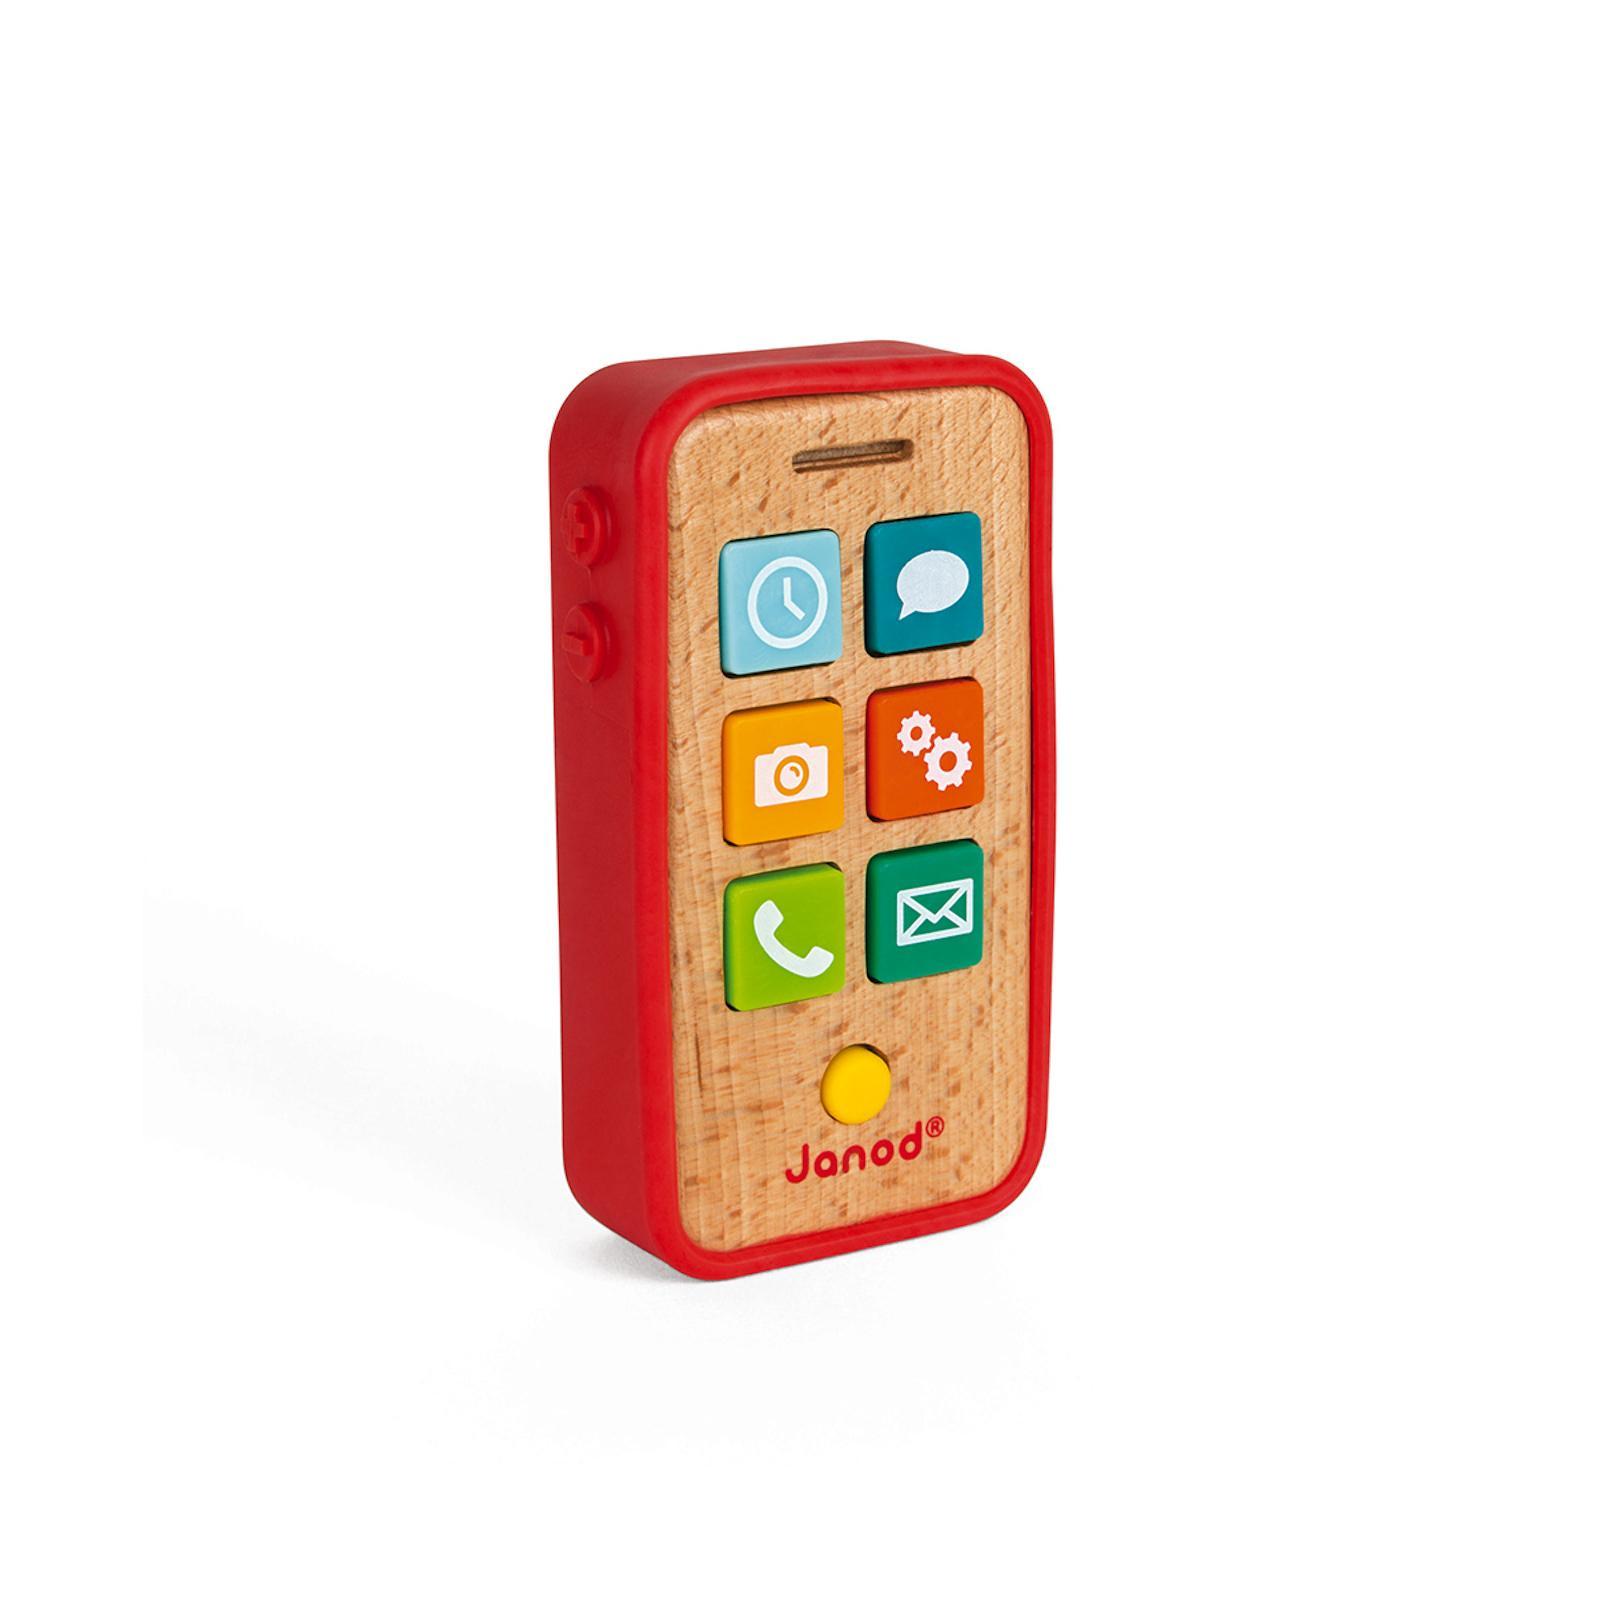 Janod Dětský dřevěný mobil se zvuky od 1 roku 1 ks